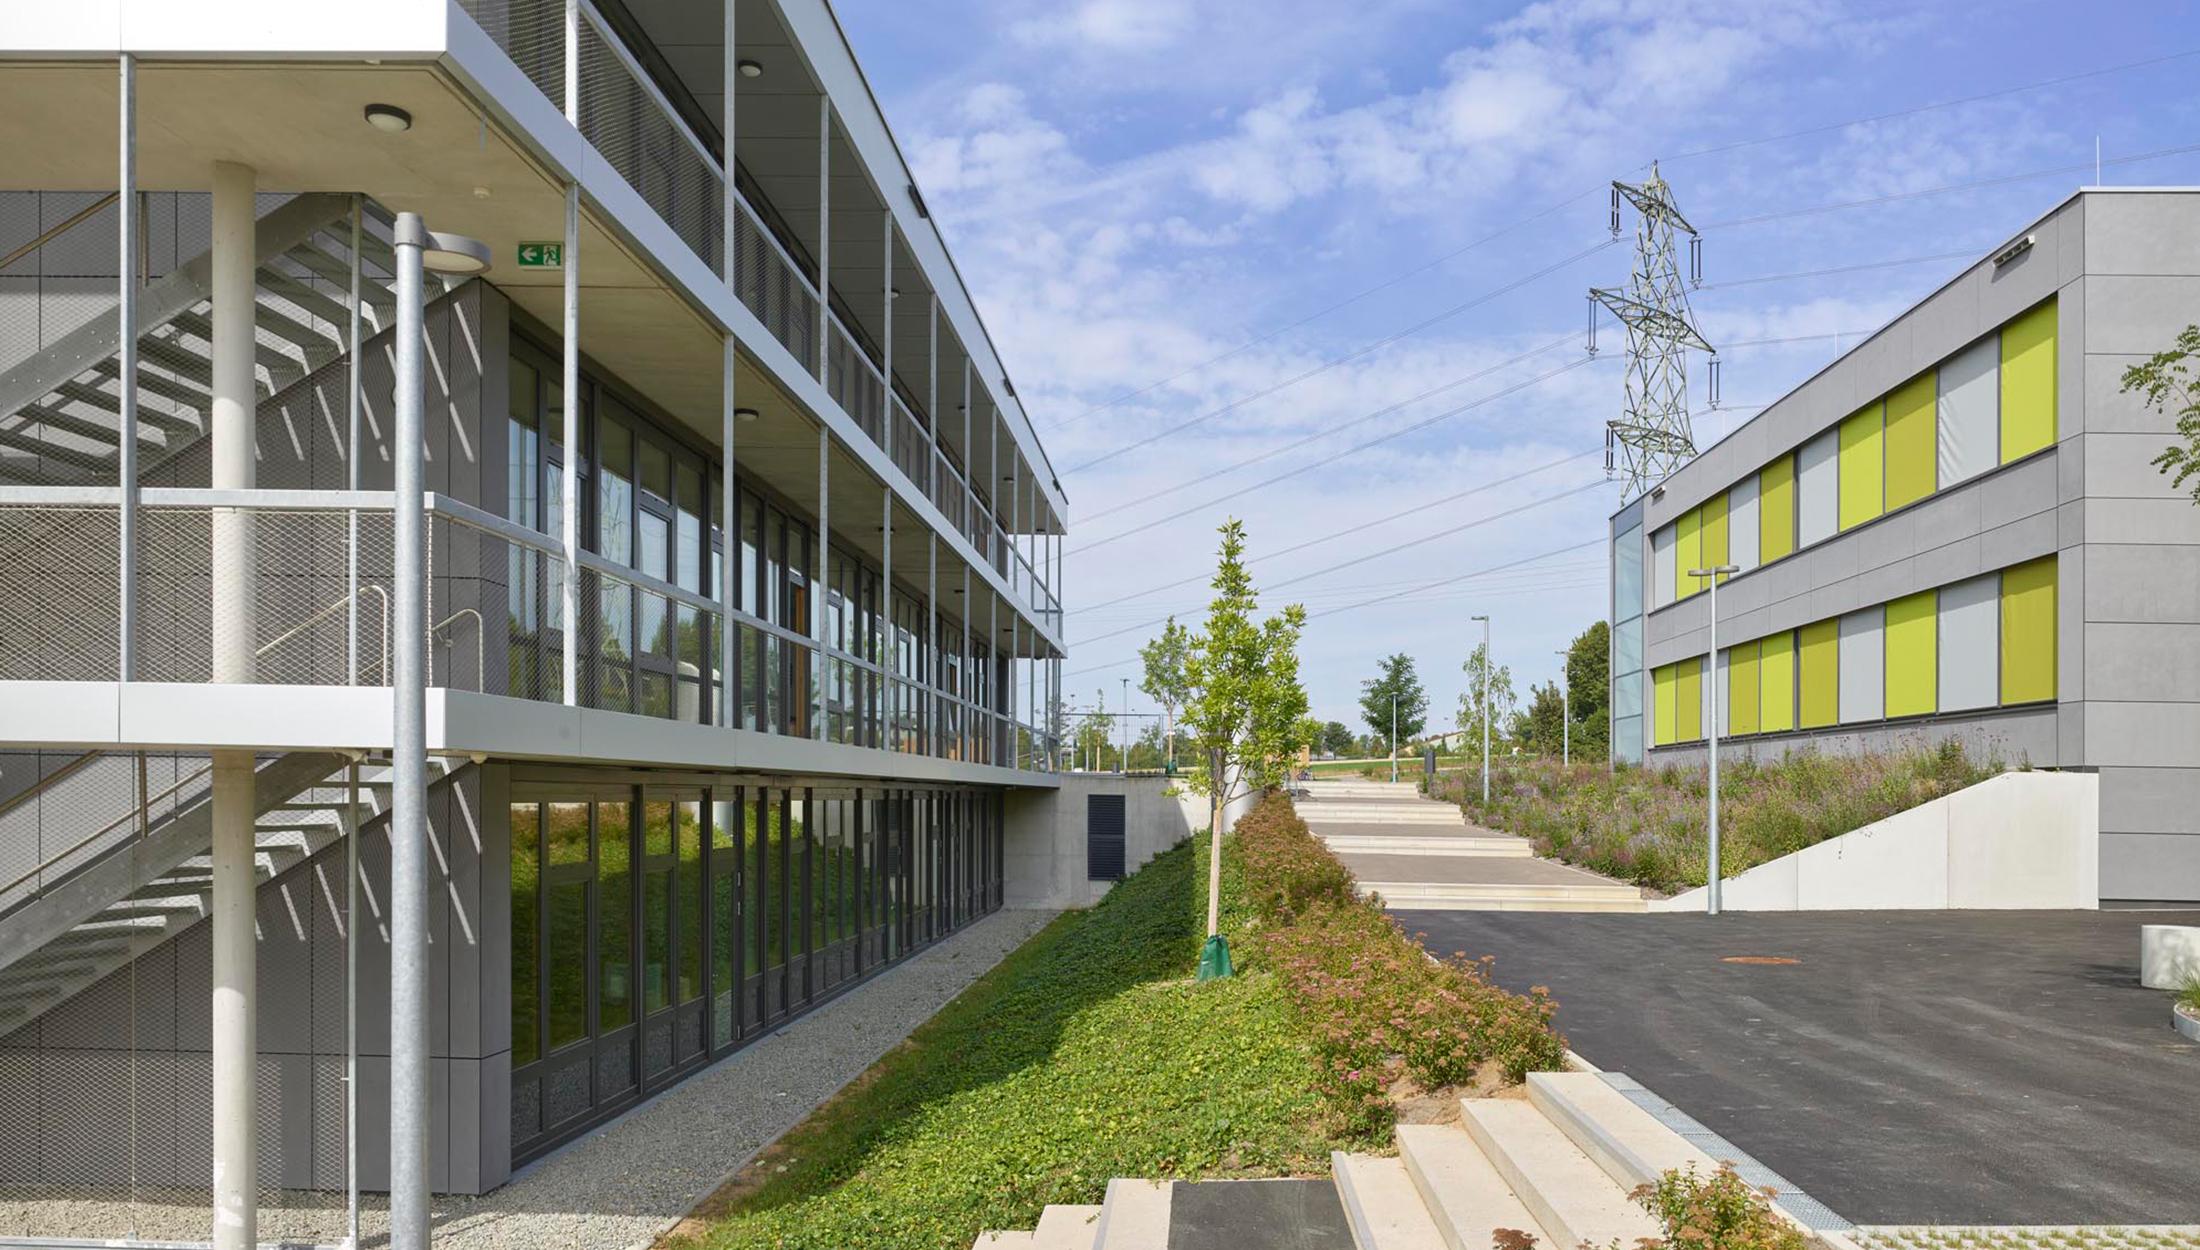 2019, Sanierung und Erweiterung Theodor-Heuglin-Schule, Ditzingen